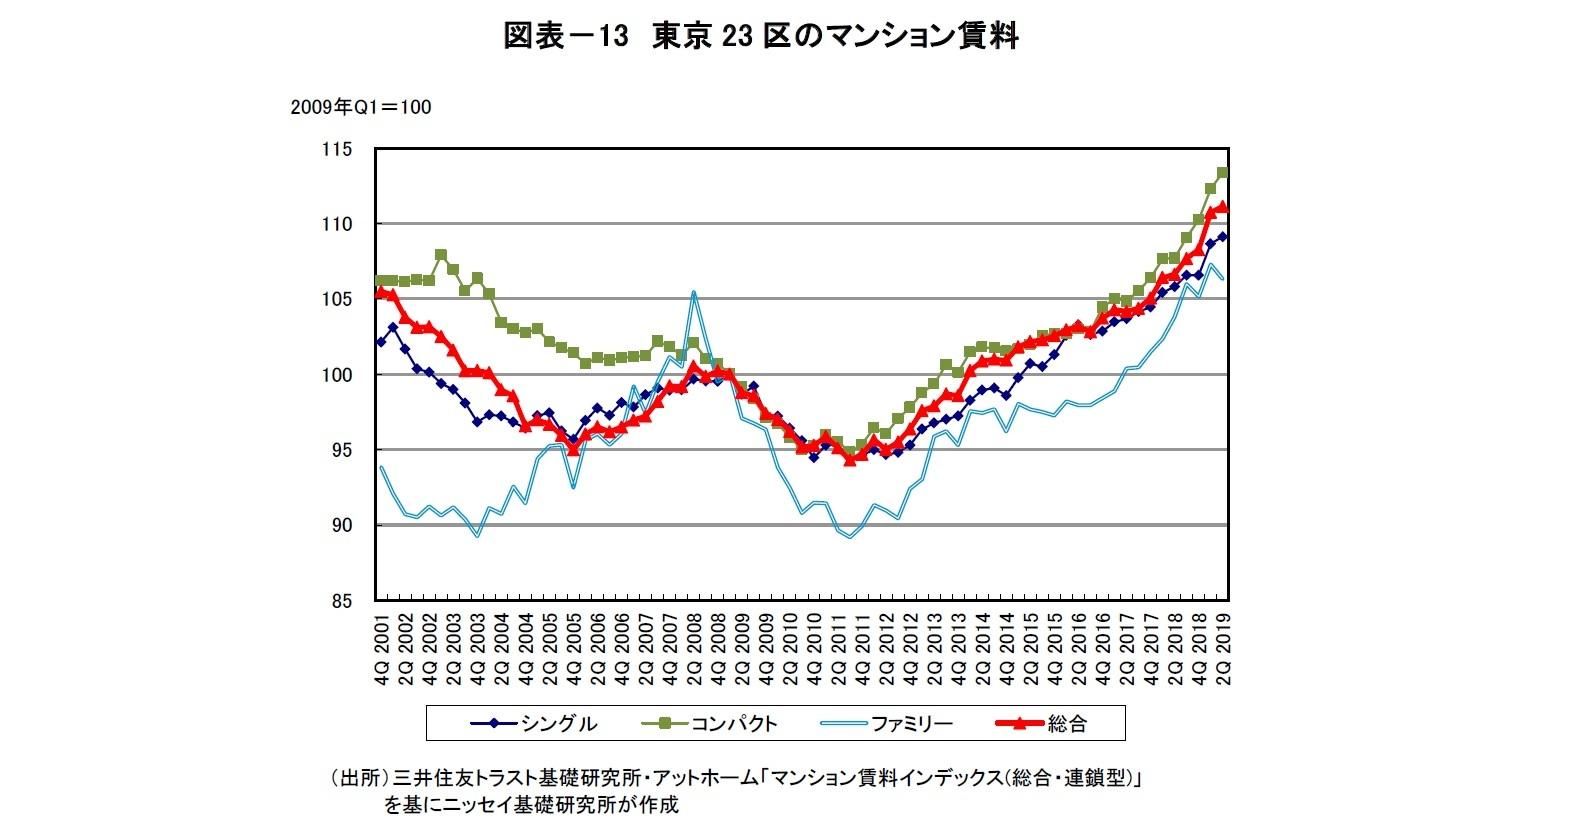 図表-13 東京23区のマンション賃料